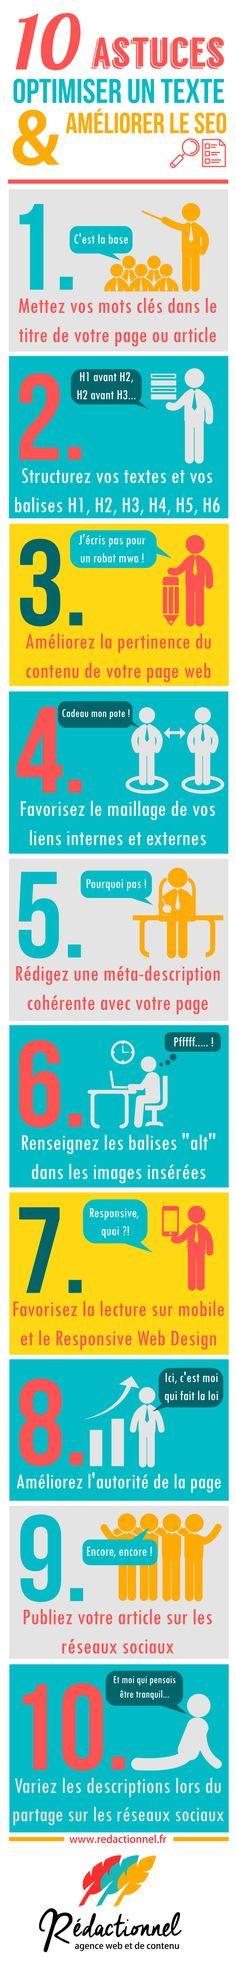 infographie 10 astuces pour optimiser un texte et ameliorer le seo